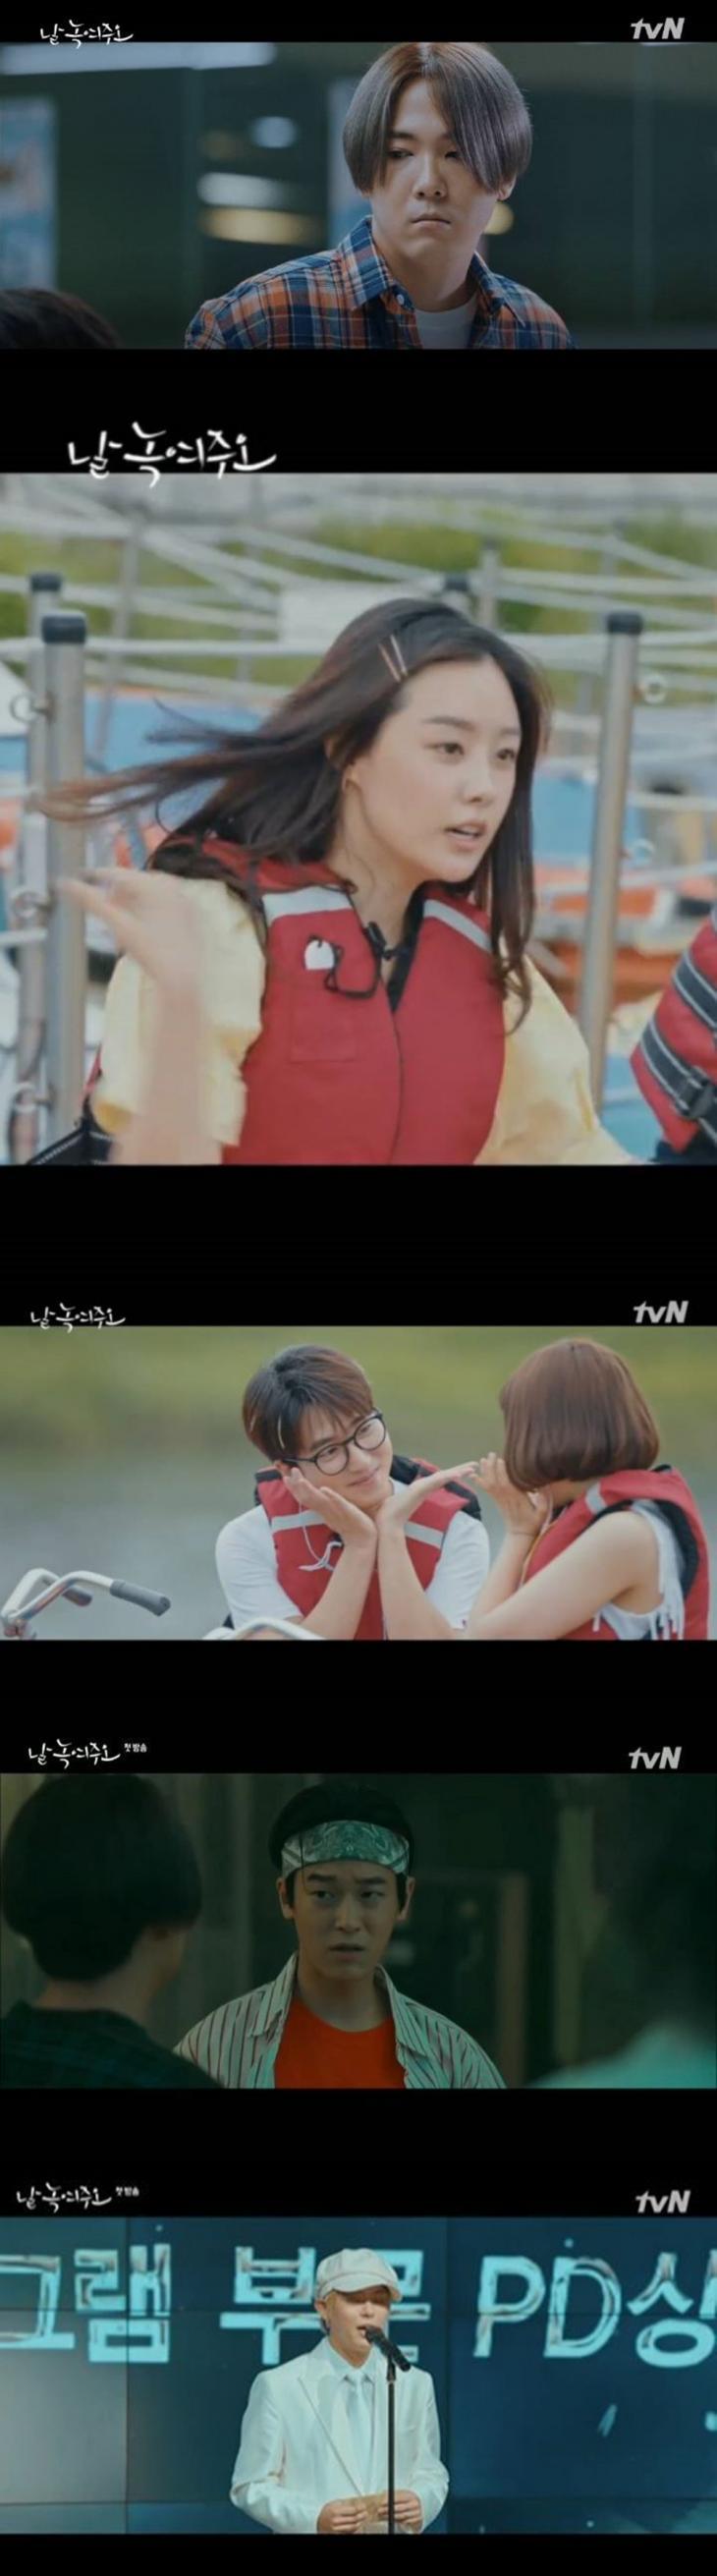 위에서부터 이홍기-송지은-차선우(바로)-병헌(엘조)-토니안 / tvN '날 녹여주오' 방송 캡처